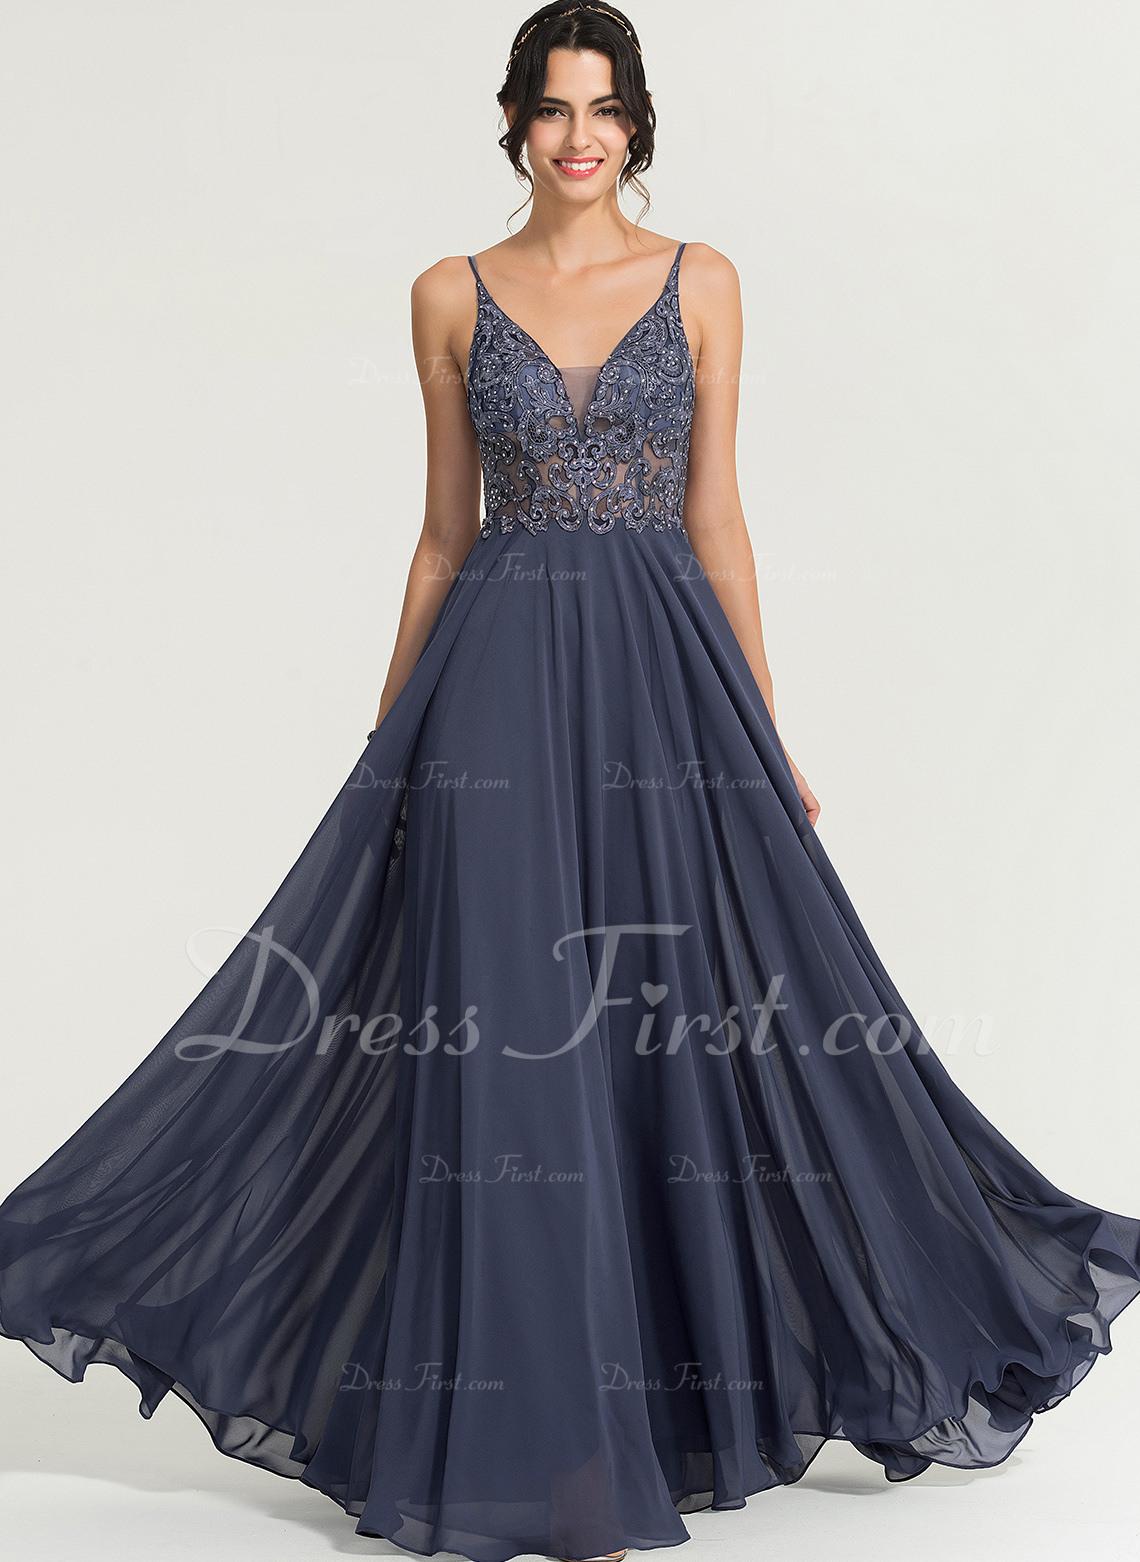 17 Großartig Abendkleider A Linie Design20 Wunderbar Abendkleider A Linie Stylish